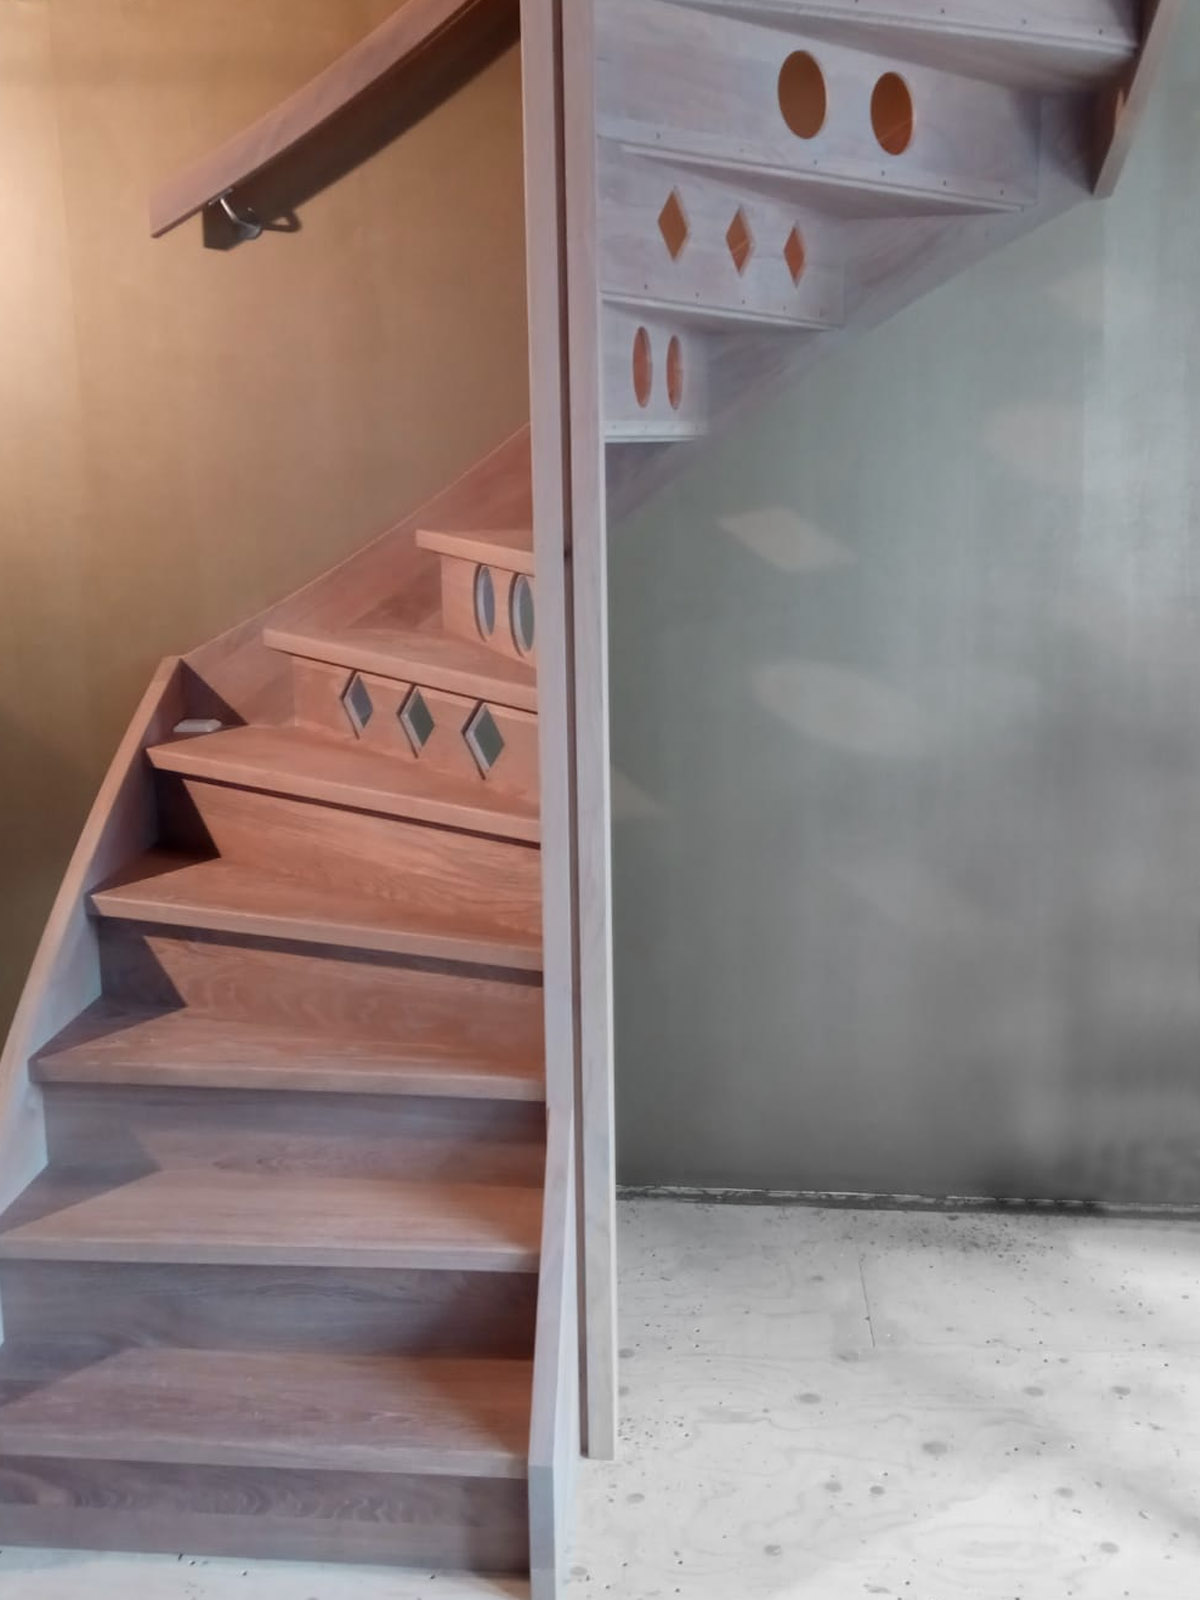 Eiken houten trap met patroon in stootborden - Foto 2